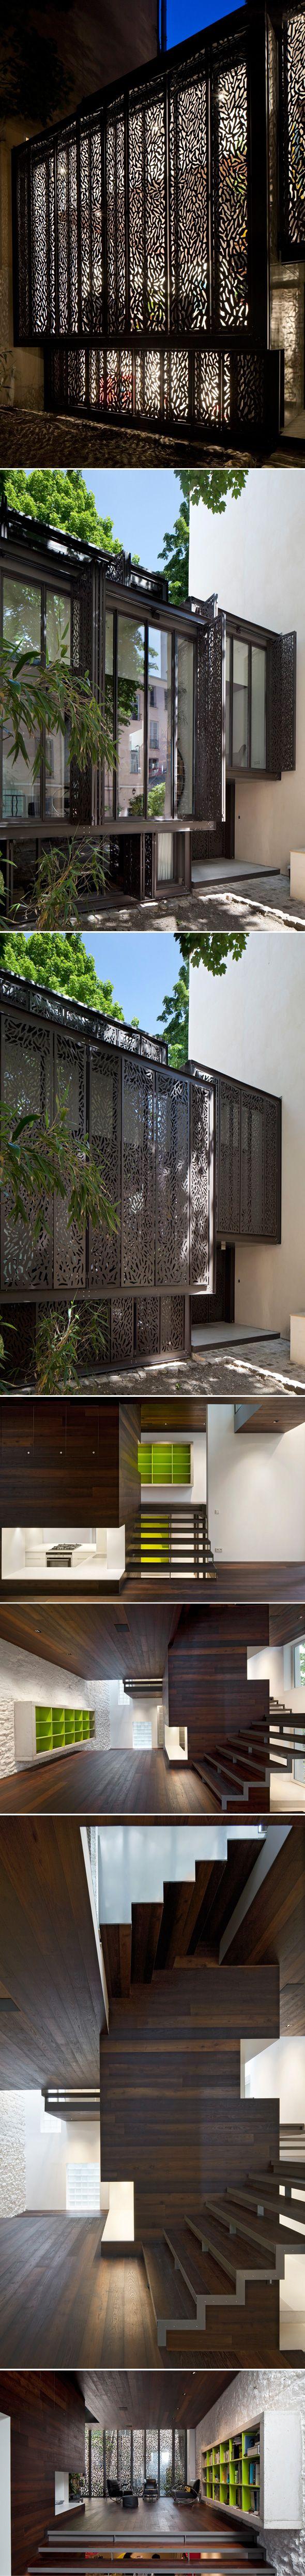 Mon coup de projecteur d'aujourd'hui va à la maison escalier imaginée et réalisée par Moussafir Architectes.  Cette magnifique réalisation allie transparence et lignes contemporaines.